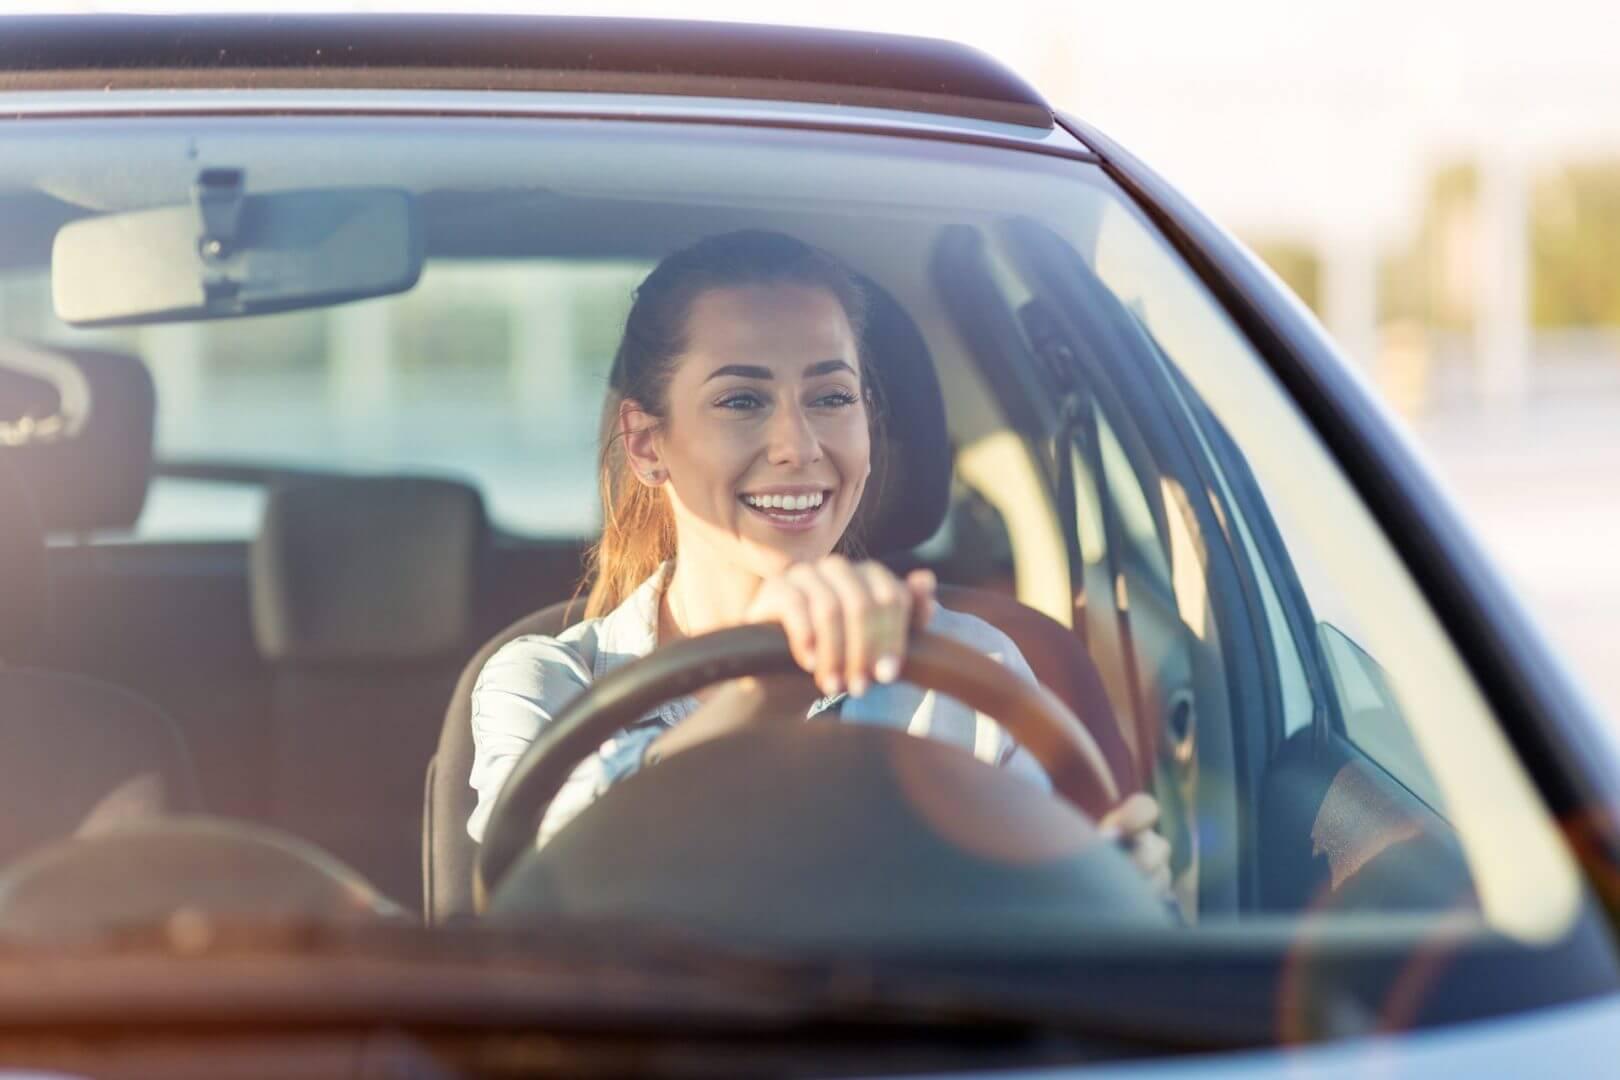 czasowe wycofanie pojazdu z ruchu